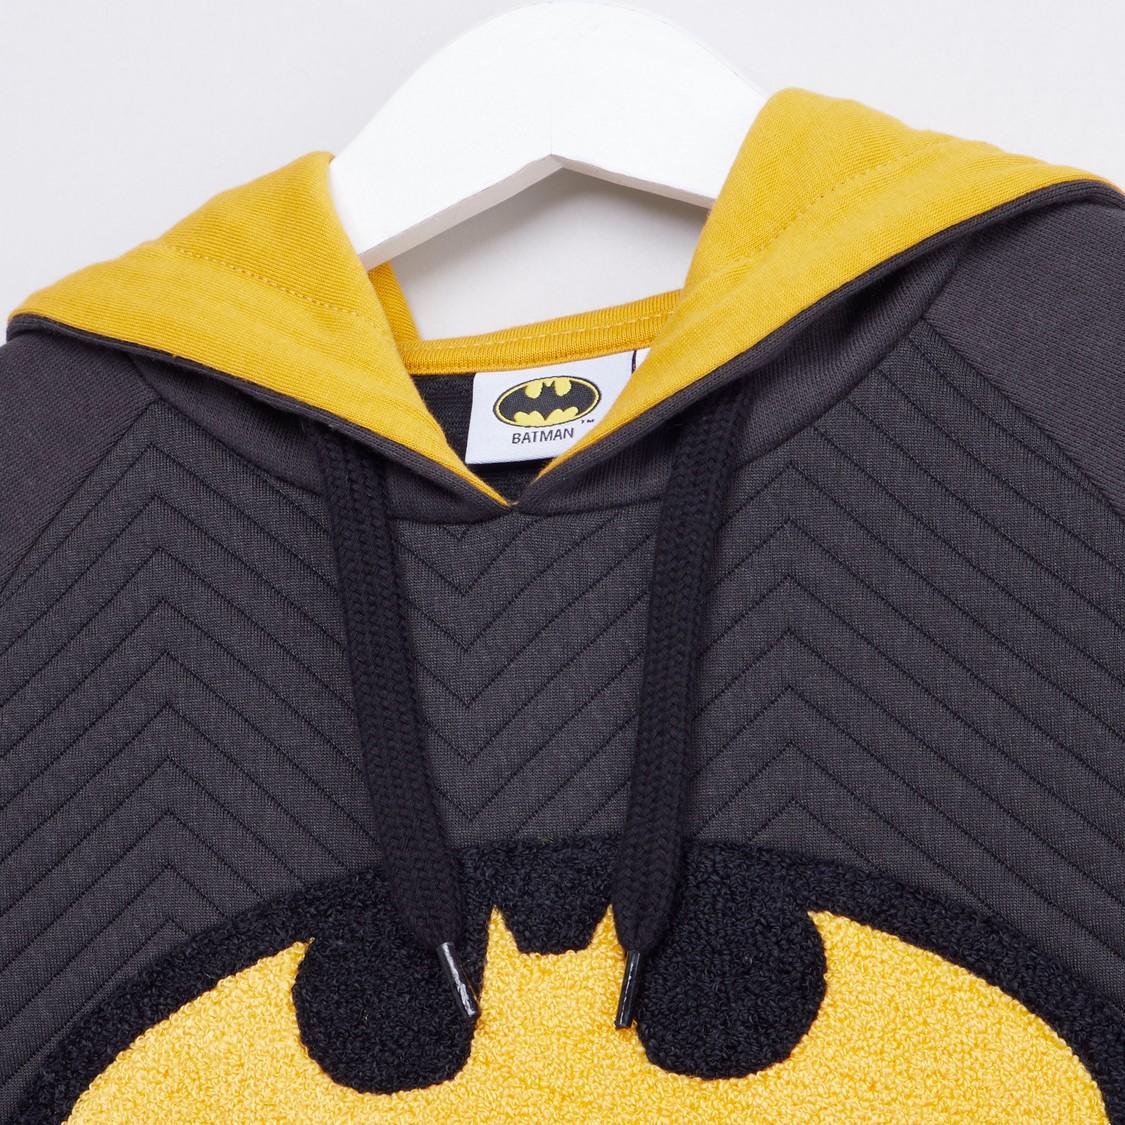 Batman Printed Hooded Sweatshirt with Long Sleeves